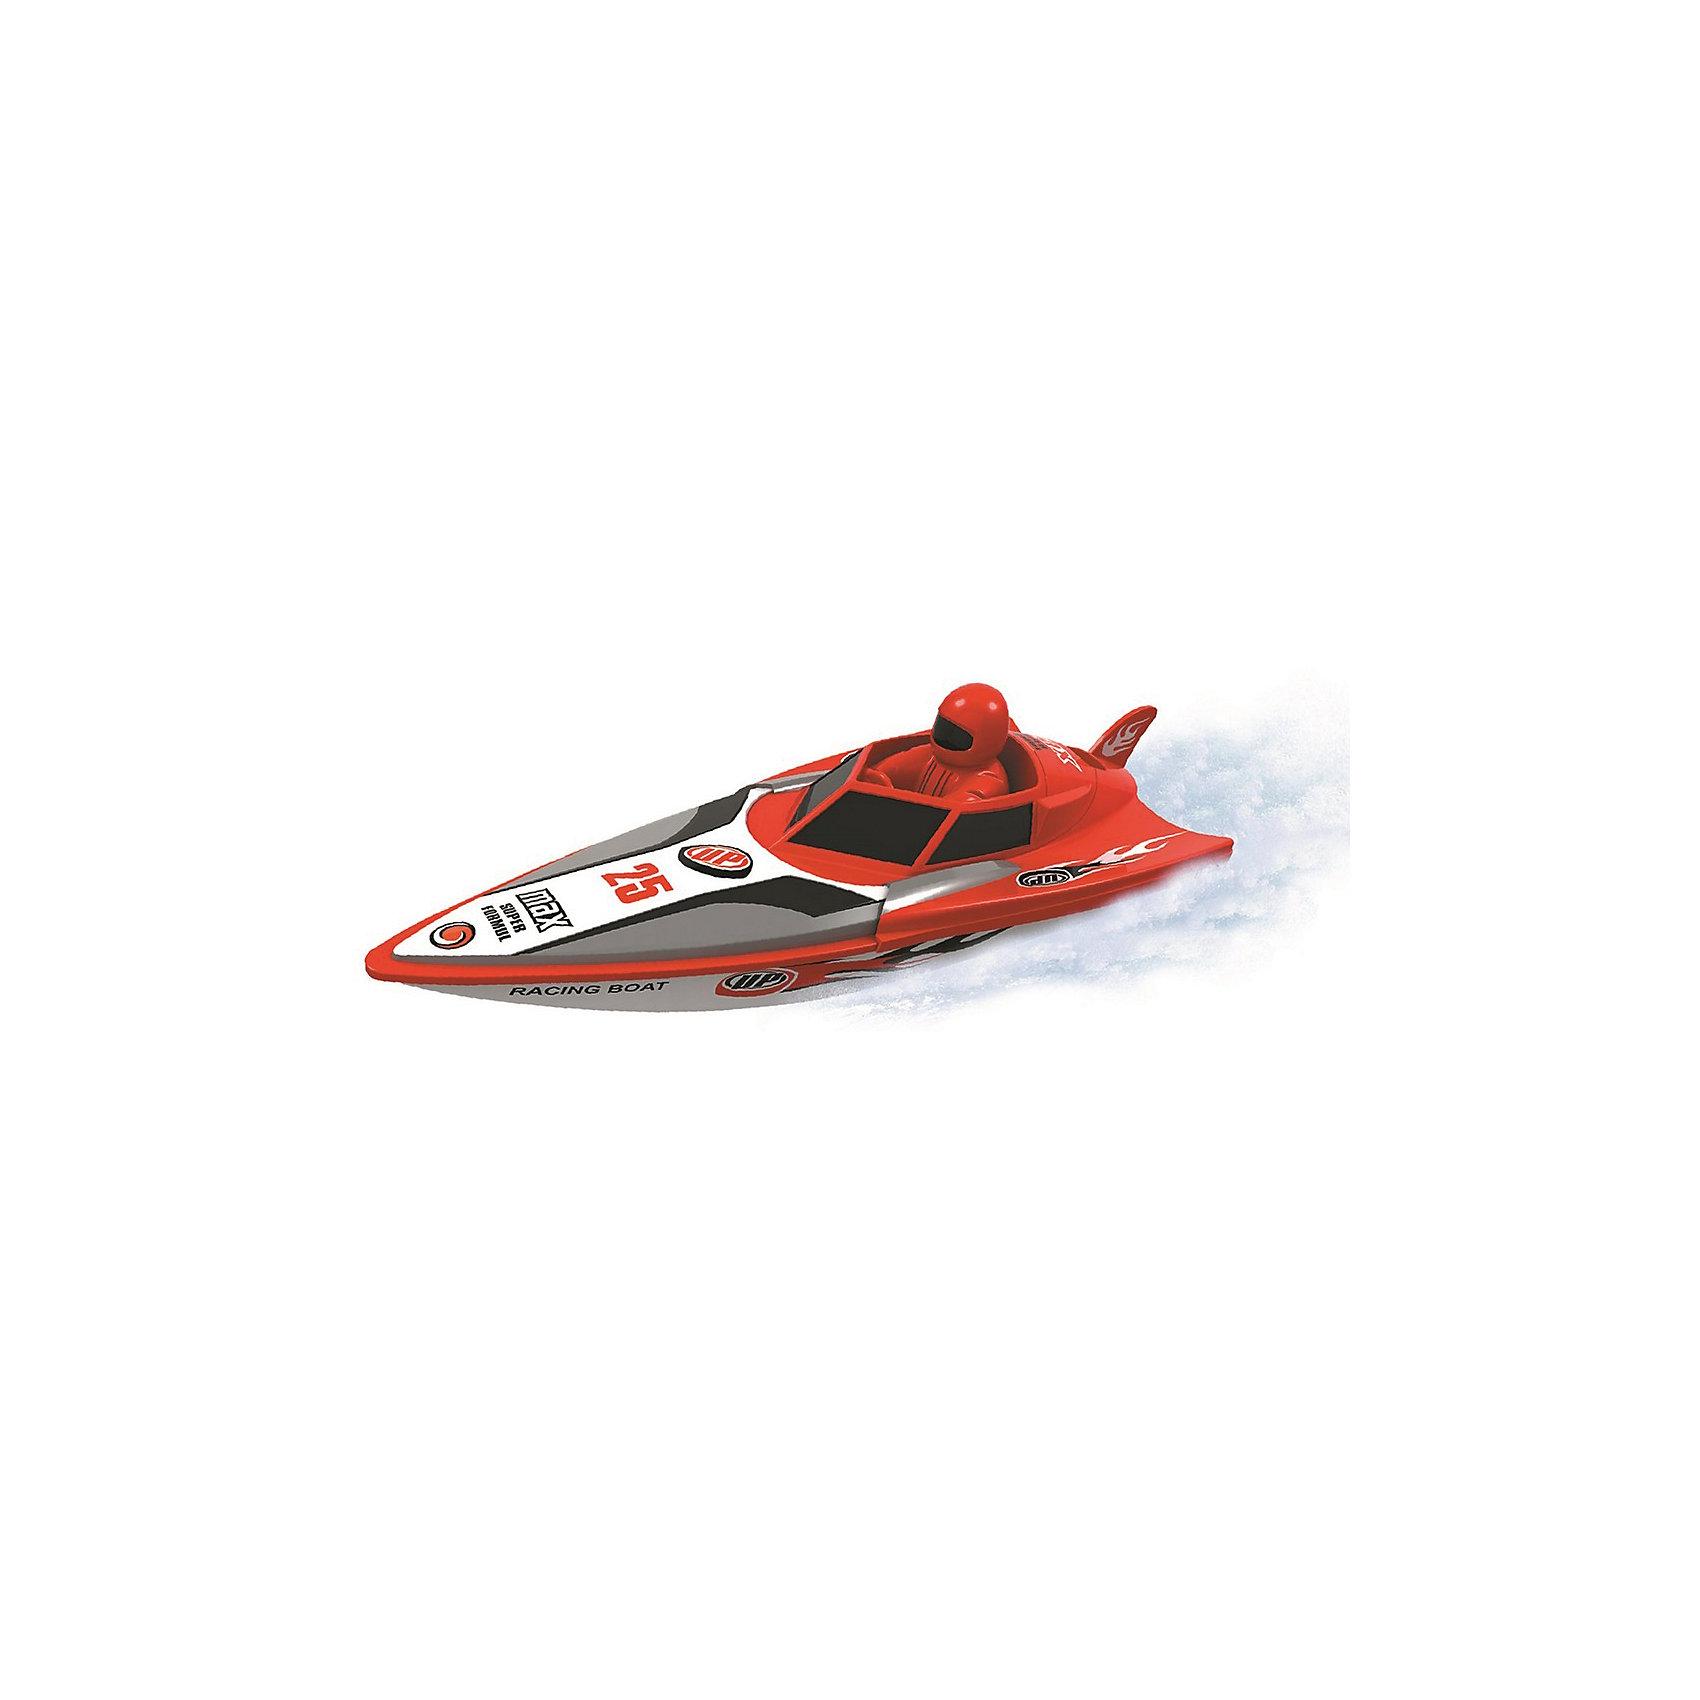 Гоночный катер на р/у Чемпионат 1:15, красный, Властелин небесРадиоуправляемый транспорт<br>Гоночный катер на р/у Чемпионат 1:15, красный, Властелин небес<br><br>Характеристики:<br><br>• спортивный дизайн<br>• копия настоящего судна в масштабе 1:15<br>• двигается вперед и назад<br>• поворачивается влево и вправо<br>• дальность действия: до 25 метров<br>• скорость до 15 км/ч<br>• время игры: 20 минут<br>• рабочая частота: 27 МГц<br>• питание: 4.8 аккумулятор Ni-MH<br>• время зарядки: 40 минут<br>• размер катера: 33х14х10 см<br>• батарейки для катера: АА - 4 шт. ( не входят в комплект)<br>• батарейки для пульта: АА - 2шт. (не входят в комплект)<br>• материал: пластик, металл<br>• размер упаковки: 36х19х11 см<br>• вес: 1014 грамм<br>• цвет: красный<br><br>С радиоуправляемым катером Чемпионат можно устроить веселые гонки! Катер быстро движется по поверхности воды, развивая скорость до 15 км/ч. Дальность действия - 25 метров. Это позволит вам устраивать гонки на самые длинные дистанции. Спортивный дизайн с яркой расцветкой порадует любителей соревнований. Время игры при полной зарядке - до 20 минут. Зарядите катер в течение 40 минут и отправляйтесь за новыми приключениями!<br>Для работы необходимы 6 батареек АА (не входят в комплект)<br><br>Гоночный катер на р/у Чемпионат 1:15, красный, Властелин небес вы можете купить в нашем интернет-магазине.<br><br>Ширина мм: 115<br>Глубина мм: 355<br>Высота мм: 190<br>Вес г: 790<br>Возраст от месяцев: 96<br>Возраст до месяцев: 2147483647<br>Пол: Мужской<br>Возраст: Детский<br>SKU: 5397097